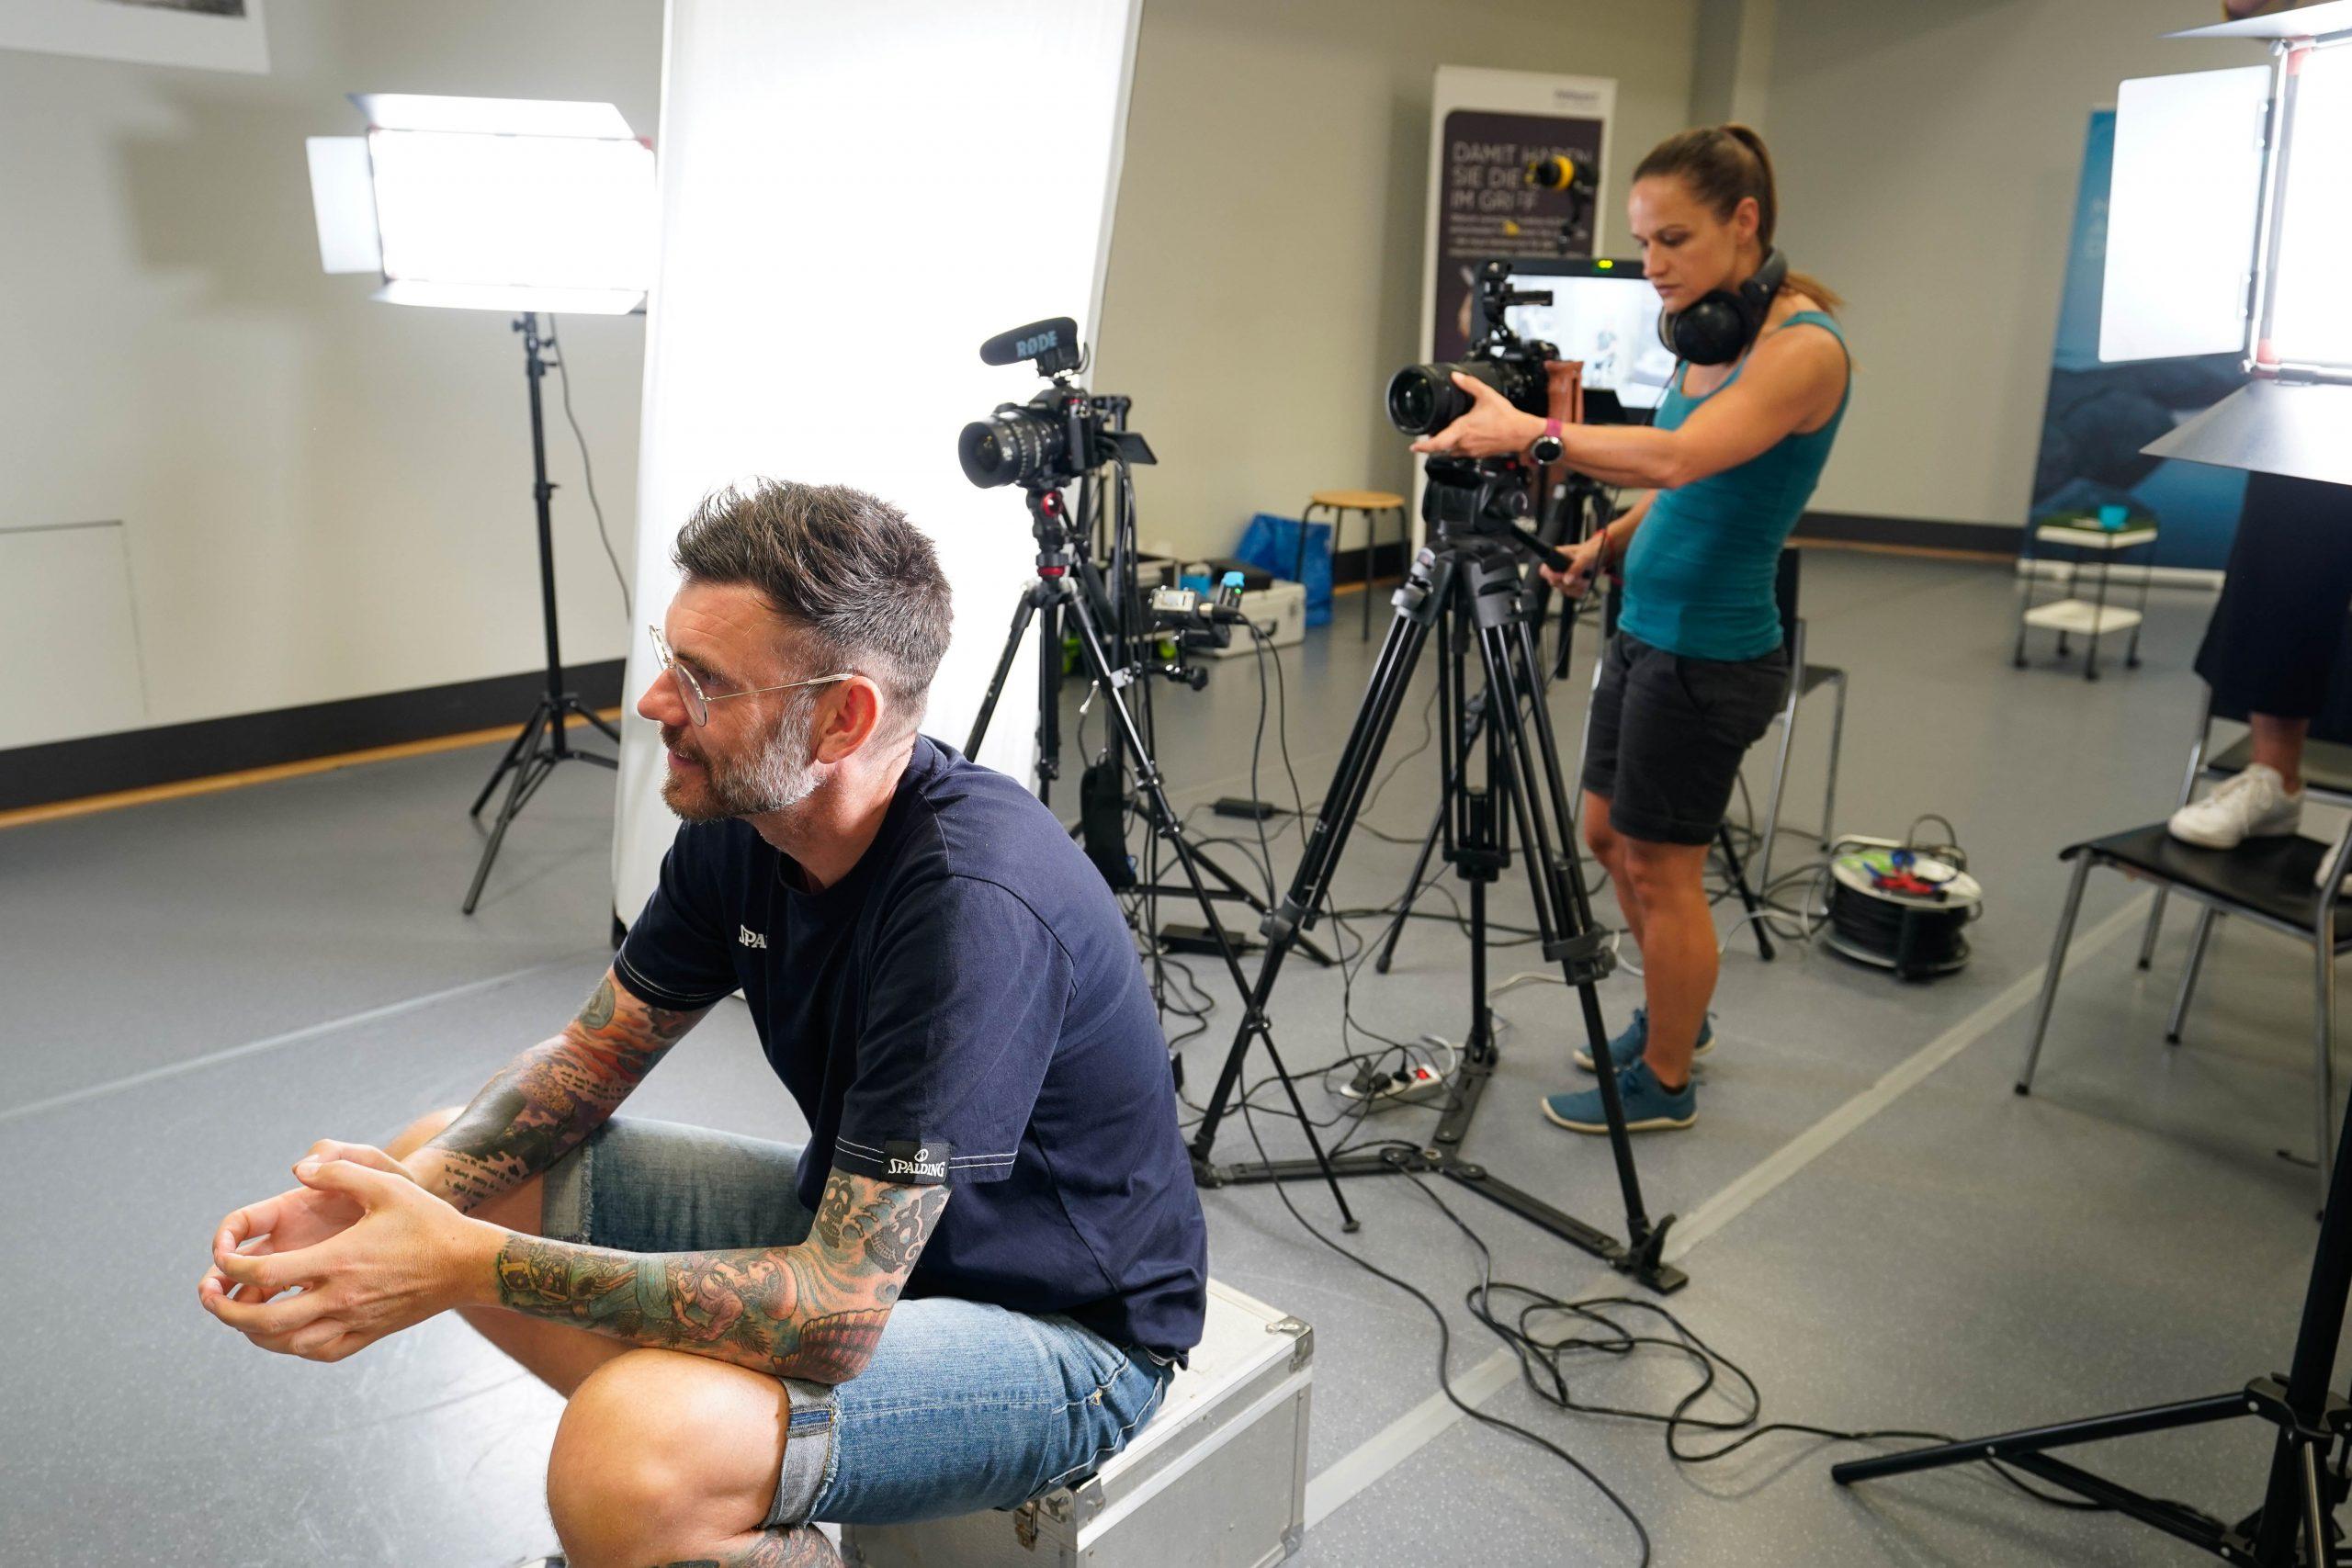 Neues Interview online – wir sprechen diesmal mit dem Herausgeber des Rollt.Magazin.